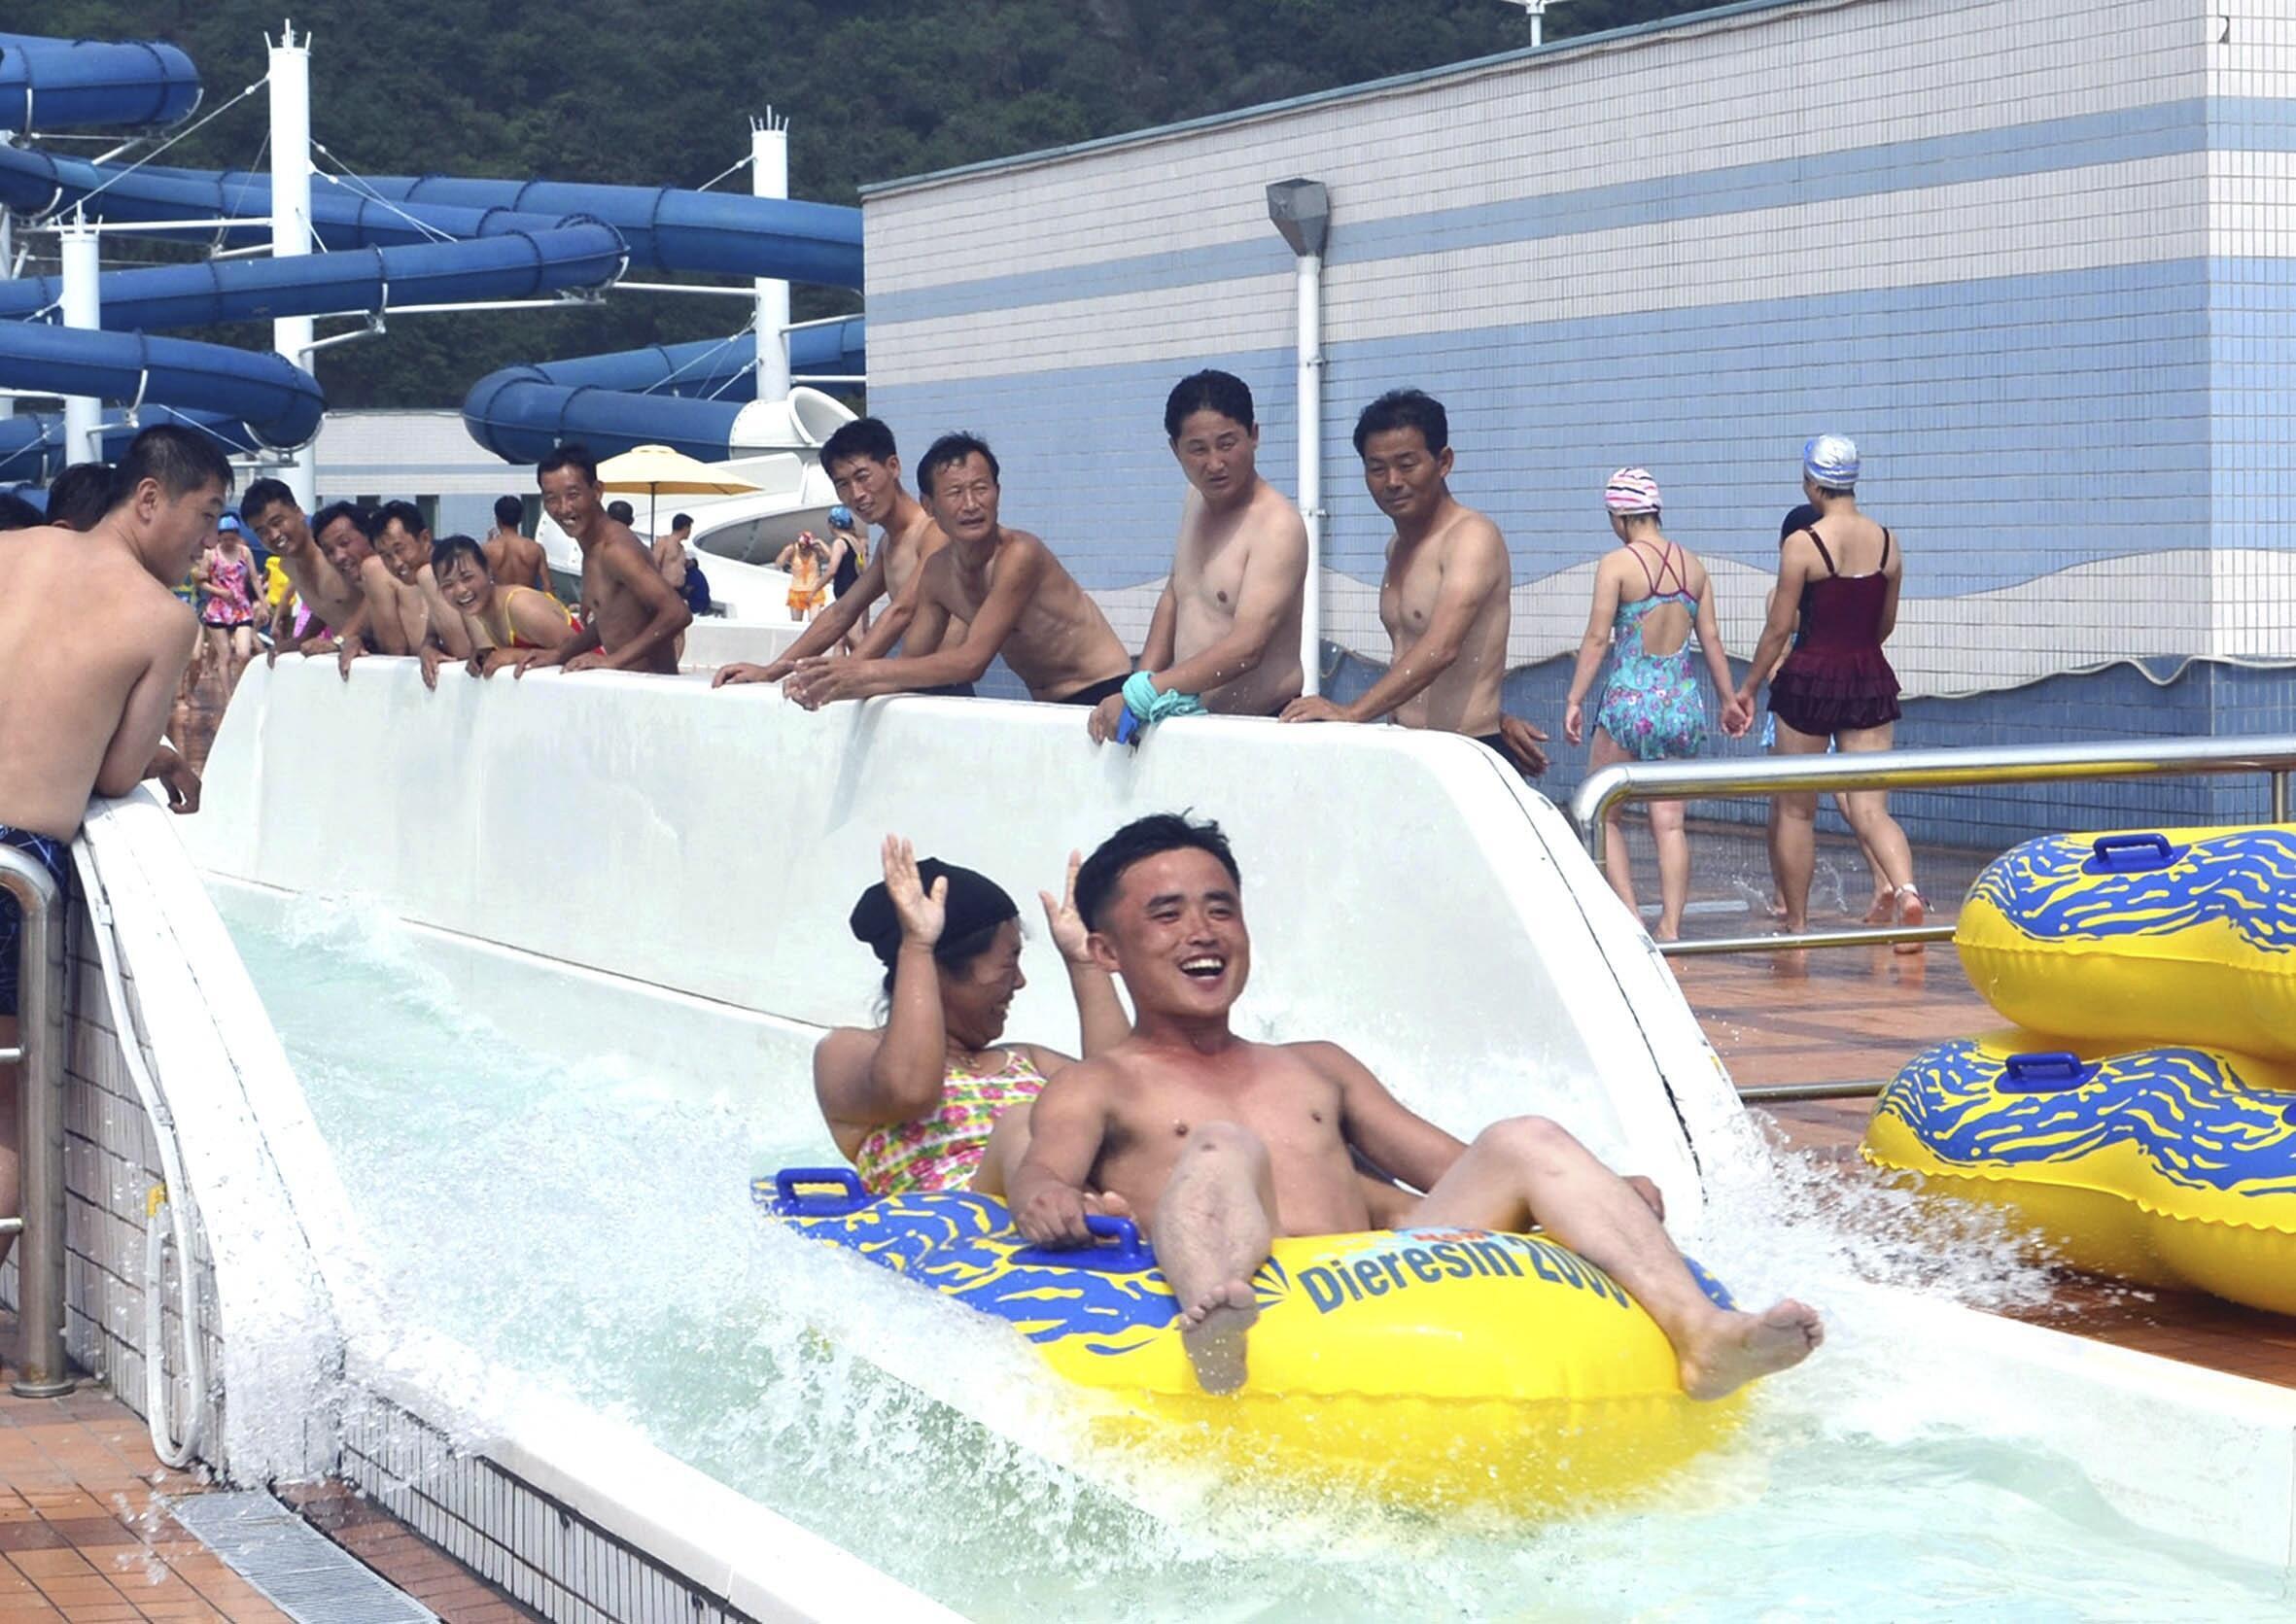 Trong công viên nước Rungna  tại Bình Nhưỡng. Hình do KCNA phổ biến ngày 7/8/2014